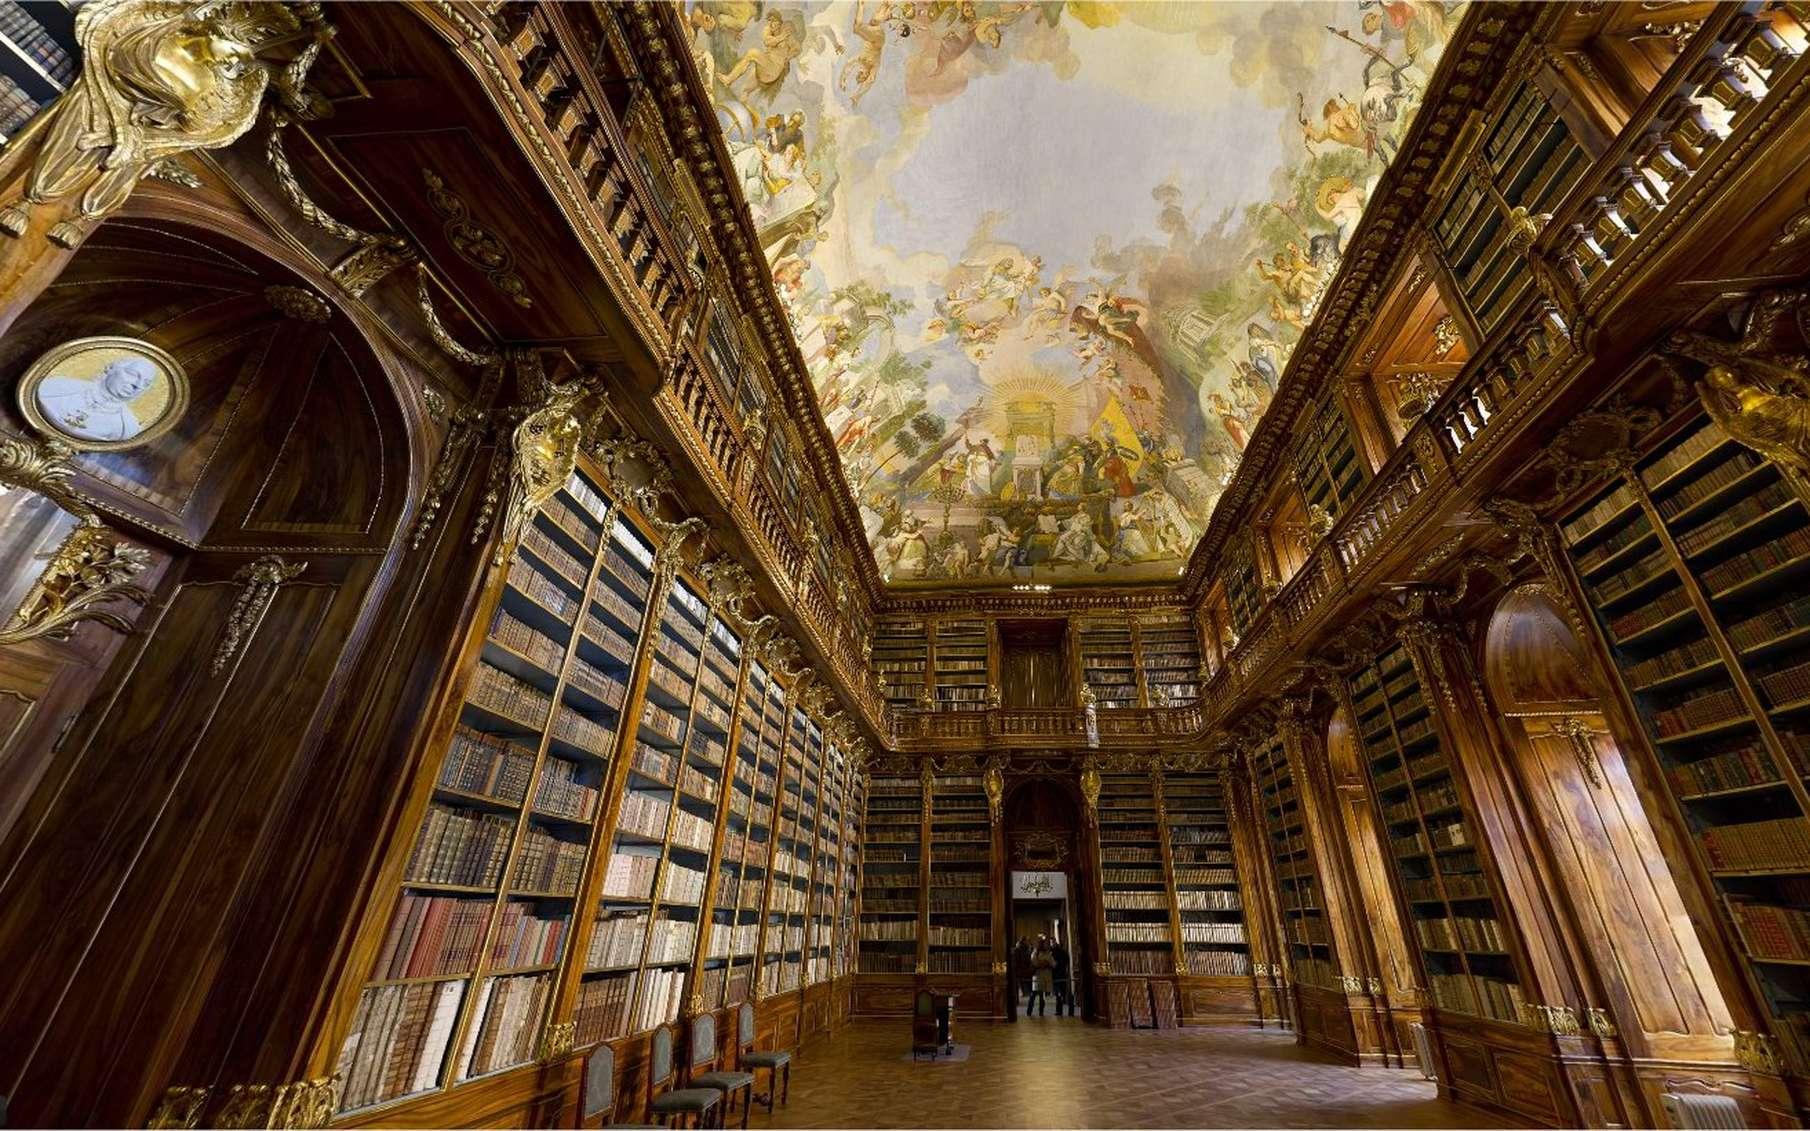 La salle de Philosophie dans la bibliothèque du monastère Strahov, à Prague, visible sur une seule image. © 360 GeoCities